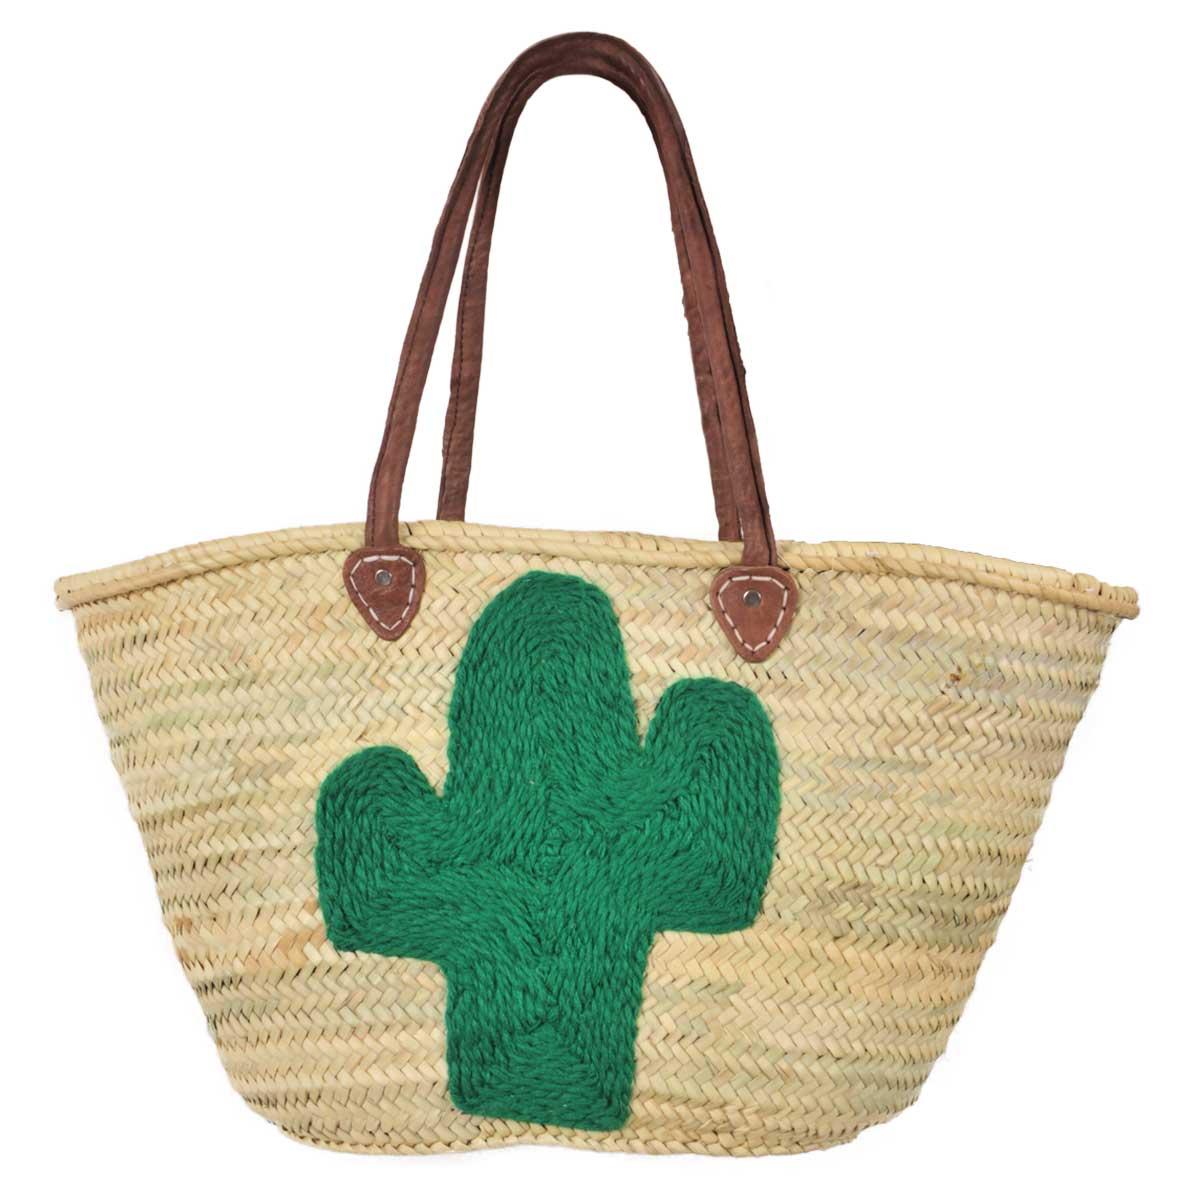 Panier de plage en osier motif cactus vert